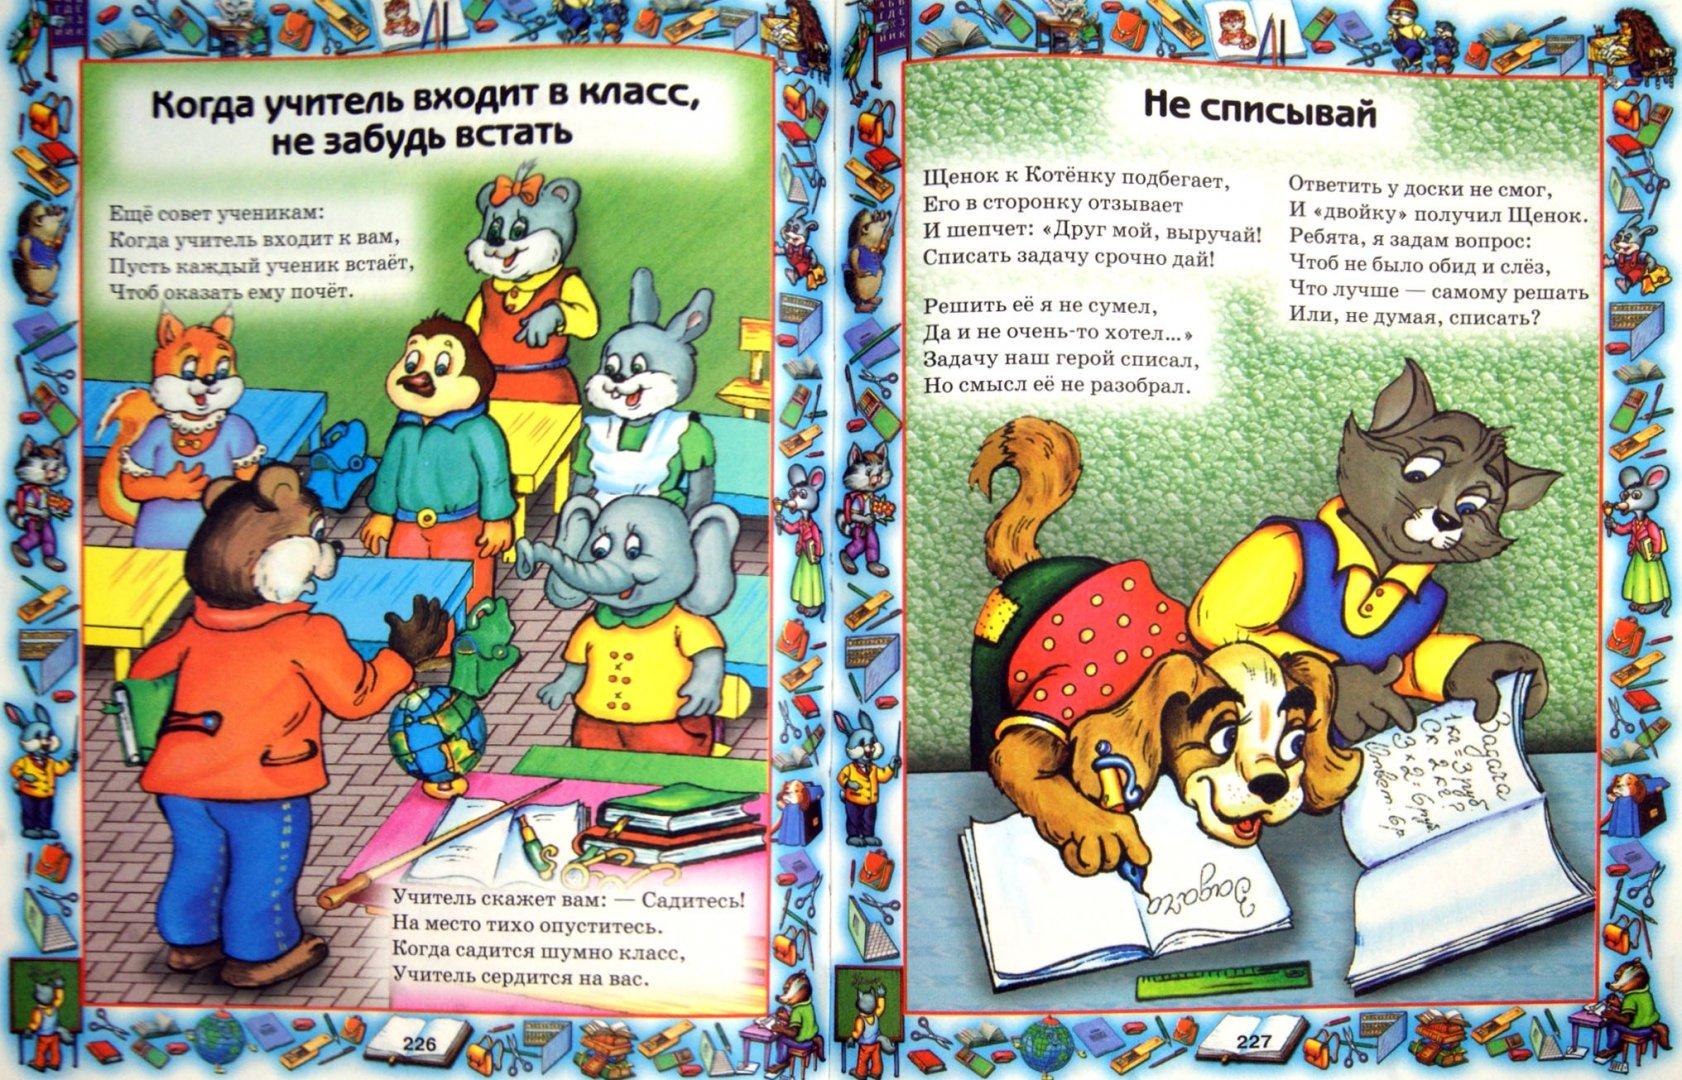 Иллюстрация 1 из 14 для Большая книга правил поведения для воспитанных детей - Шалаева, Журавлева | Лабиринт - книги. Источник: Лабиринт